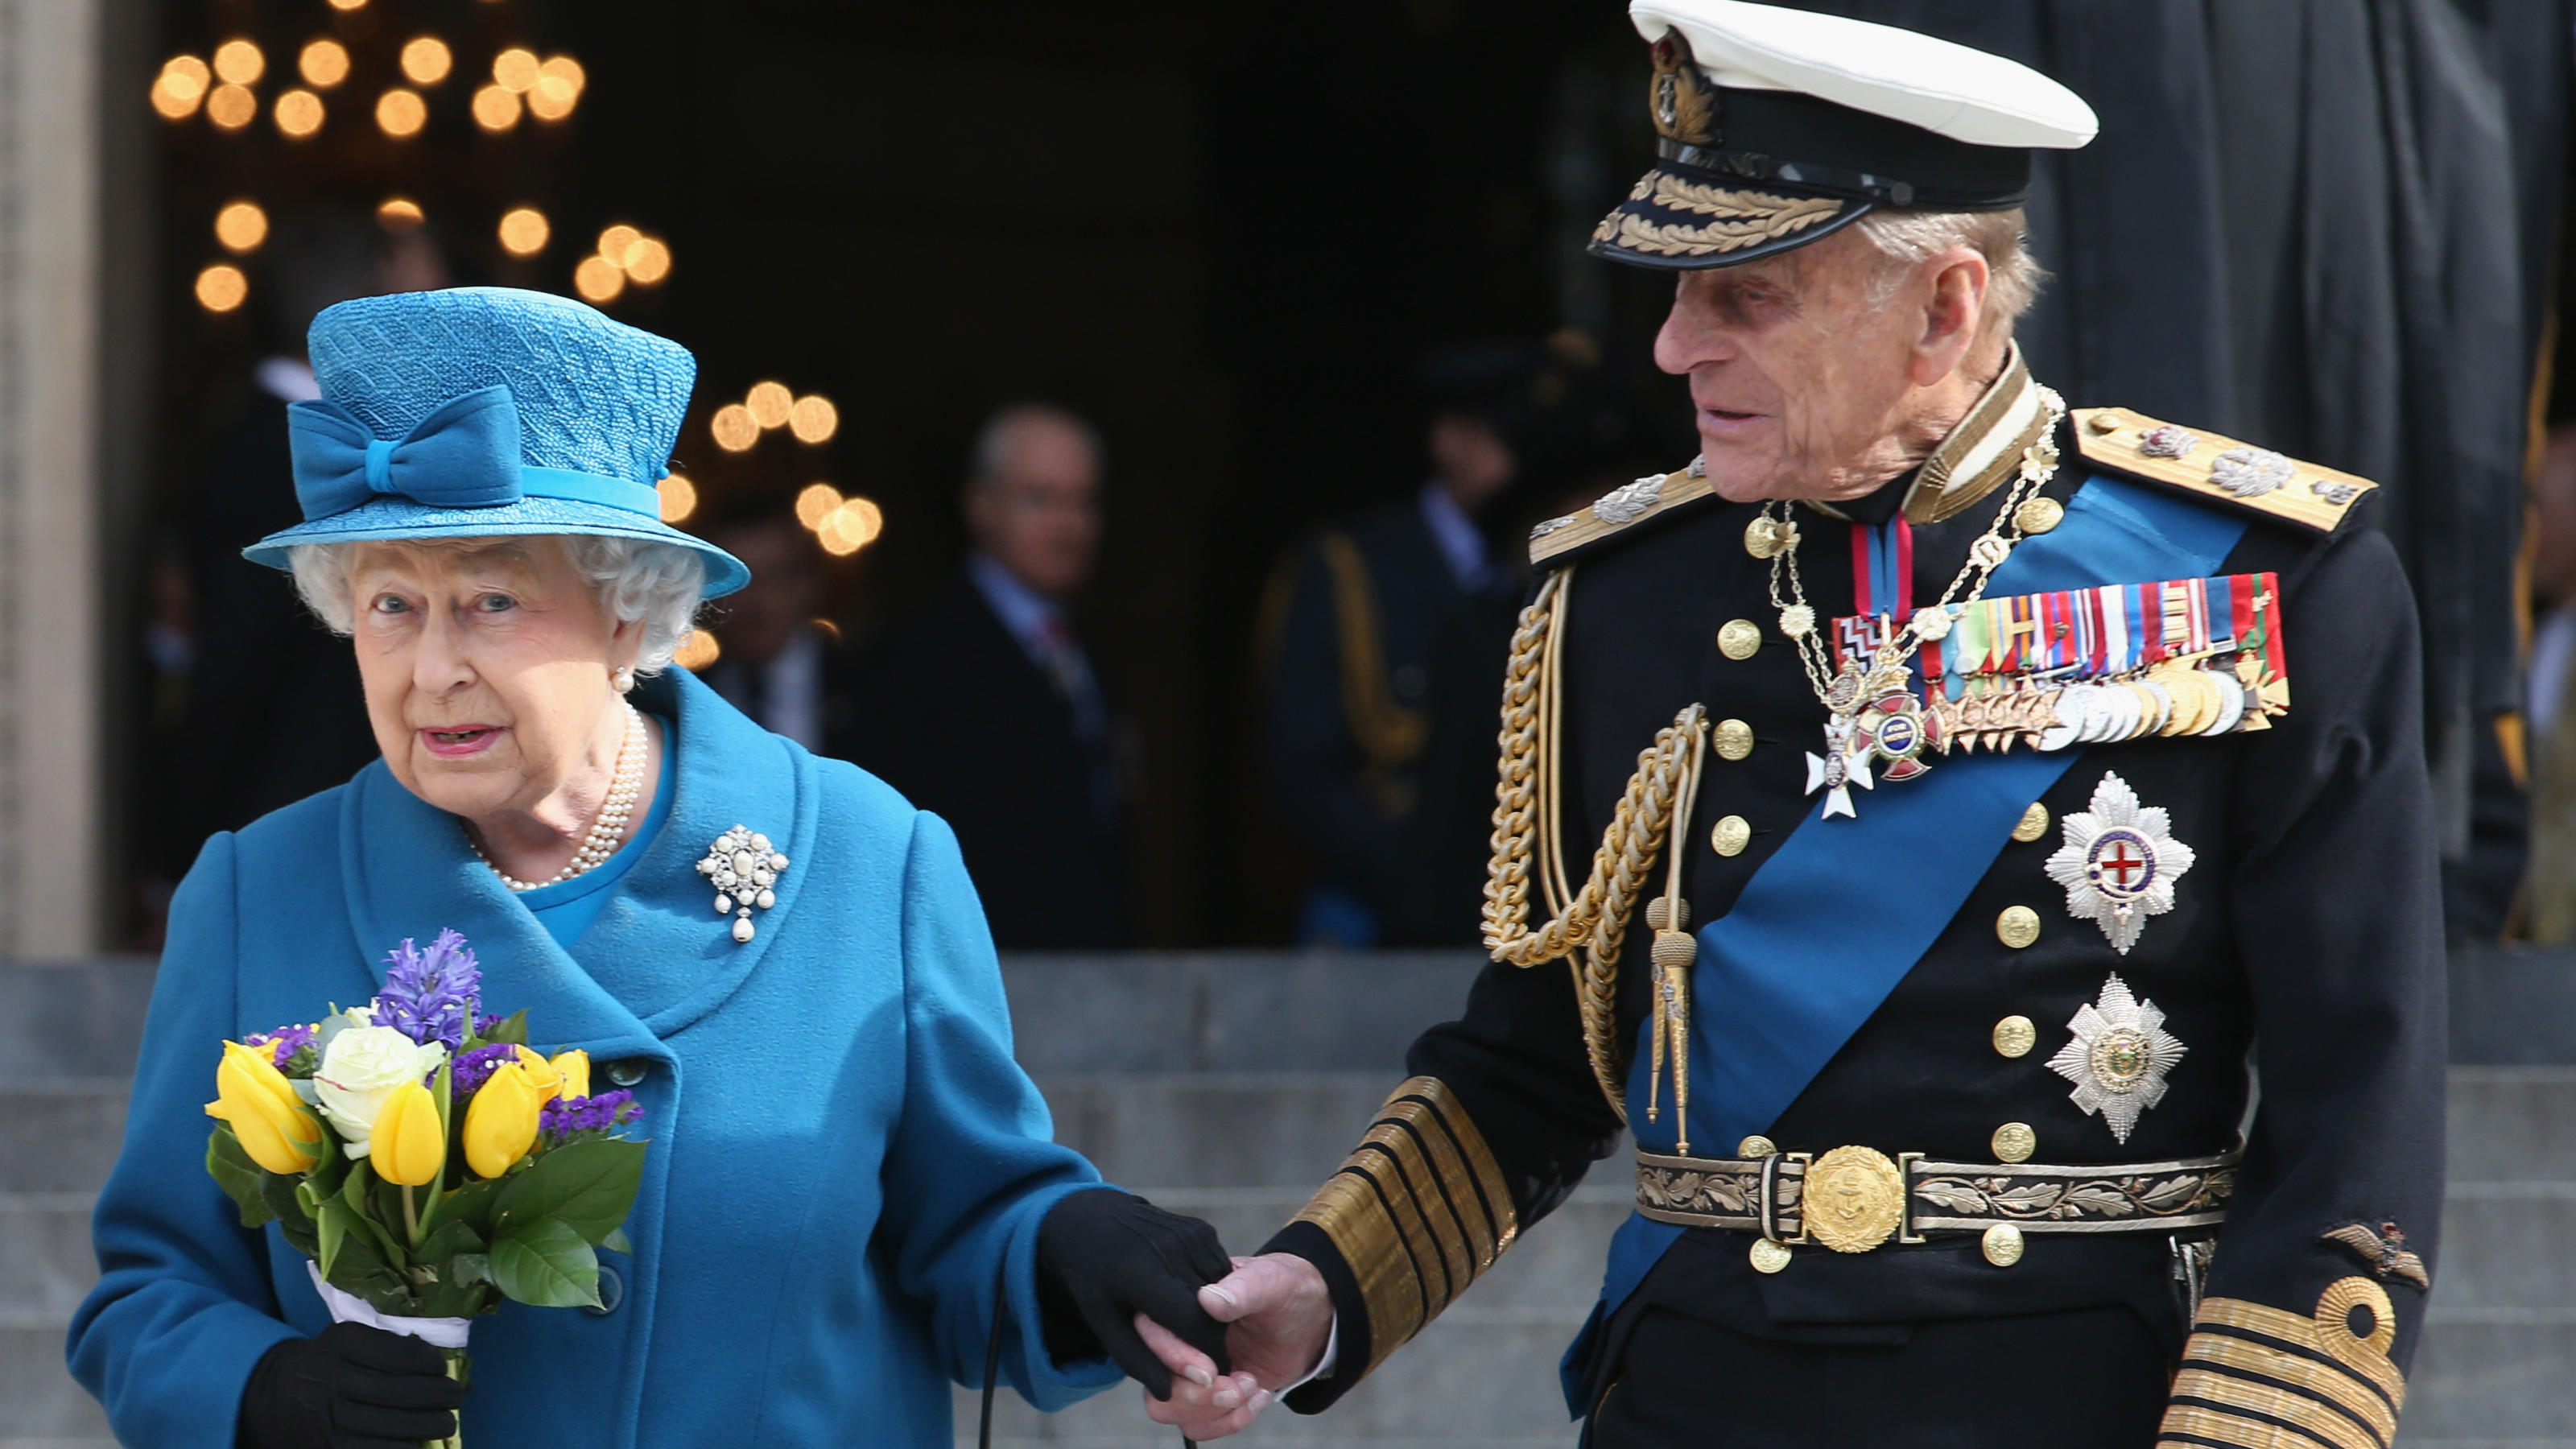 Prinz Philip gestorben? Queen Elizabeth II. kocht wegen